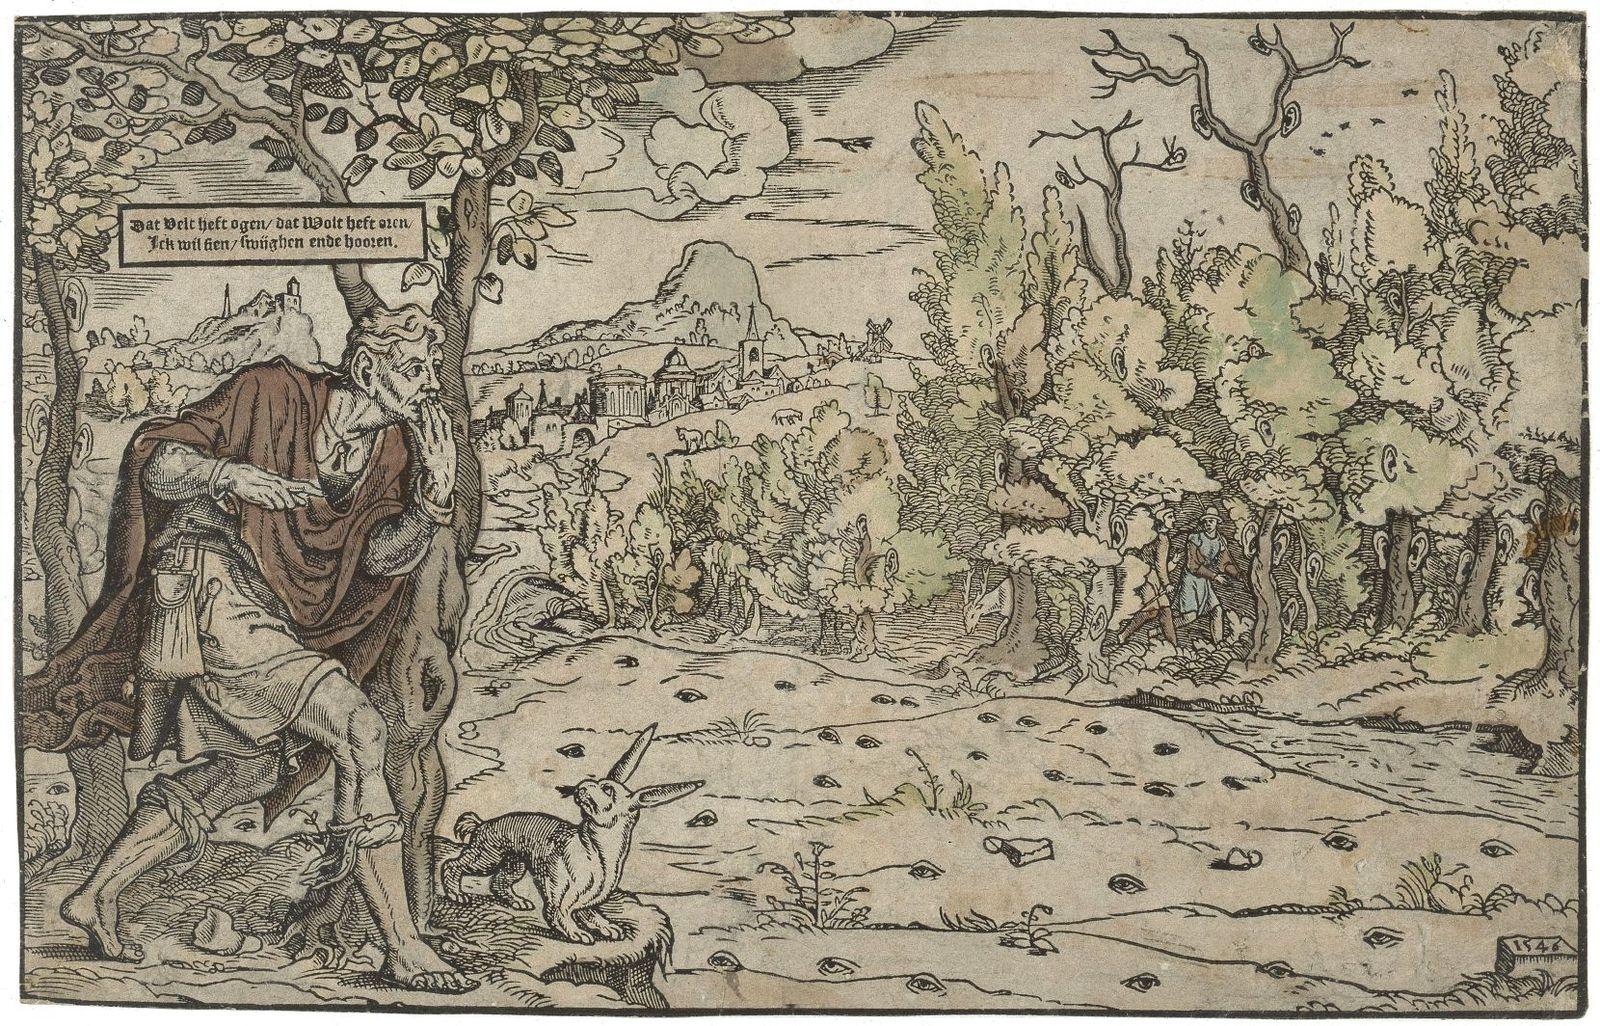 Niederländisch, Das Feld hat Augen, der Wald hat Ohren, 1546 © Staatliche Museen zu Berlin, Kupferstichkabinett / Jörg P. Anders